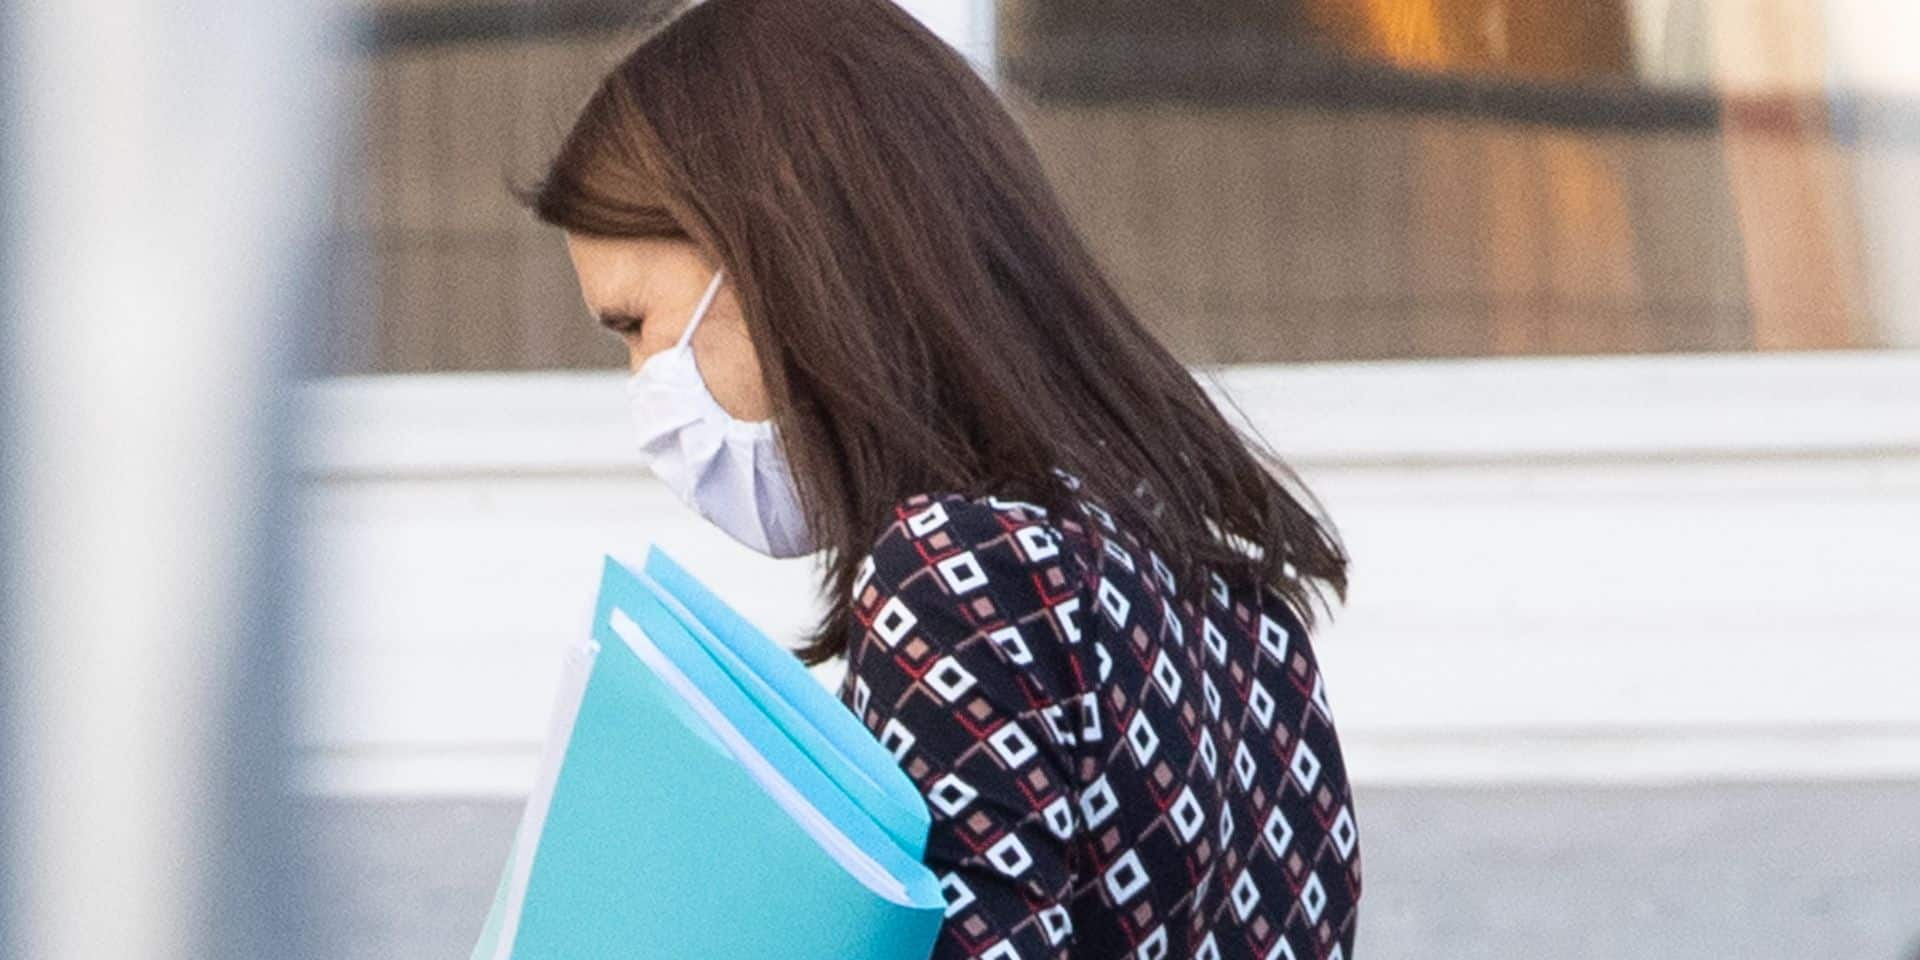 """Sophie Wilmès revient sur sa gestion de la crise sanitaire: """"Impossible de dire après coup que cette stratégie développée par les experts n'était pas la bonne"""""""